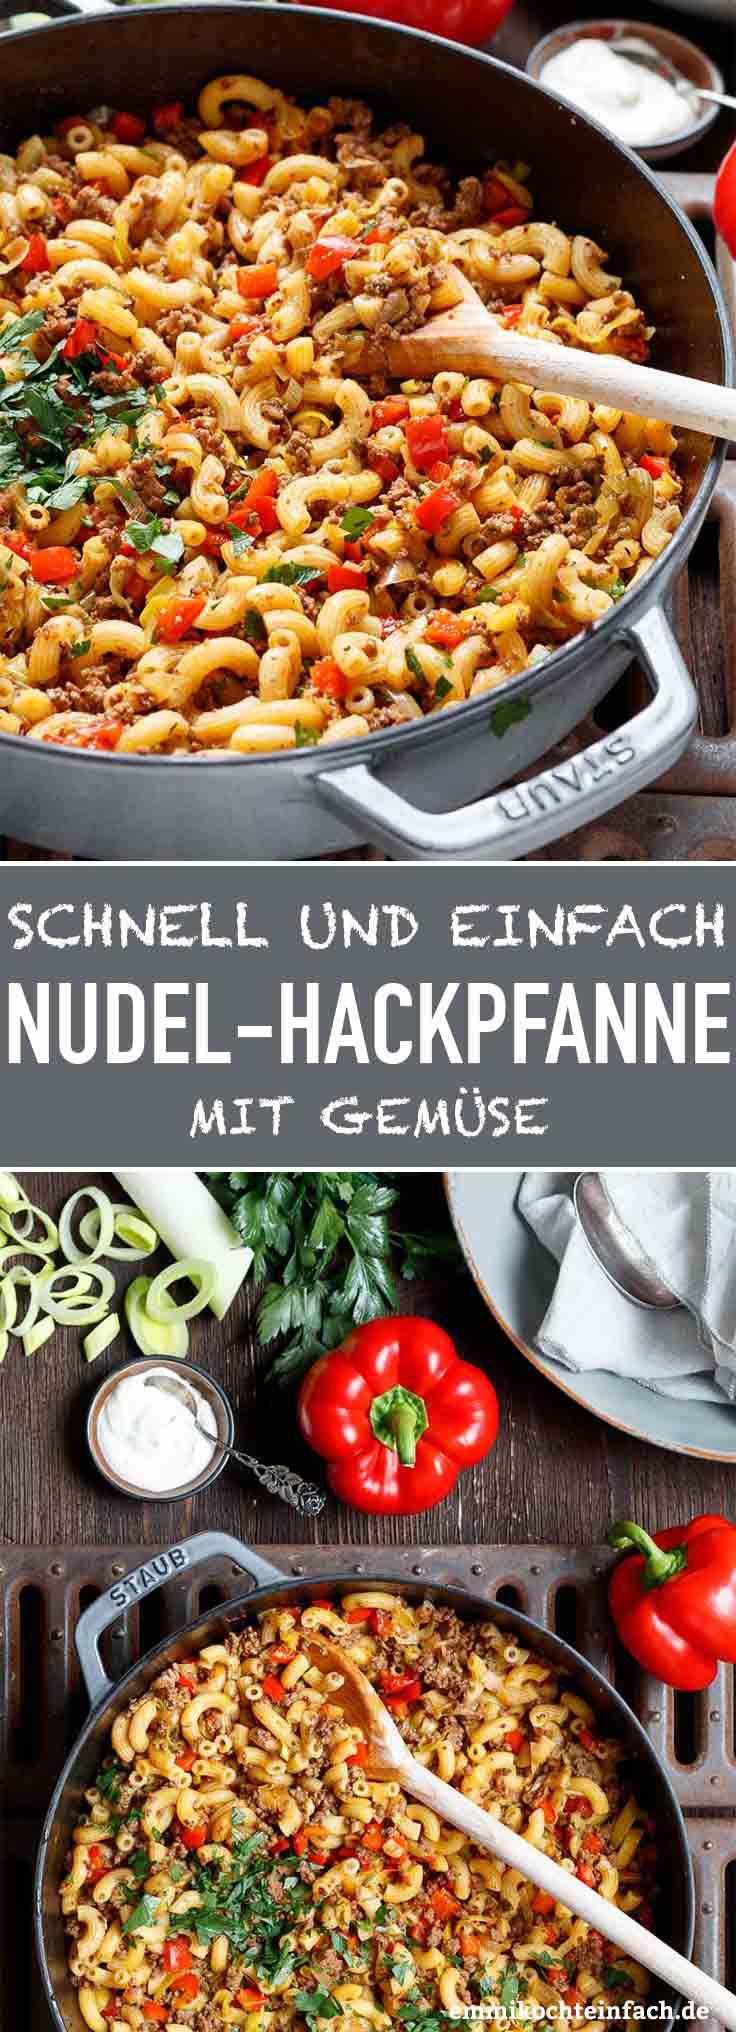 Schnelle Hackpfanne mit Hörnchennudeln und Gemüse - www.emmikochteinfach.de